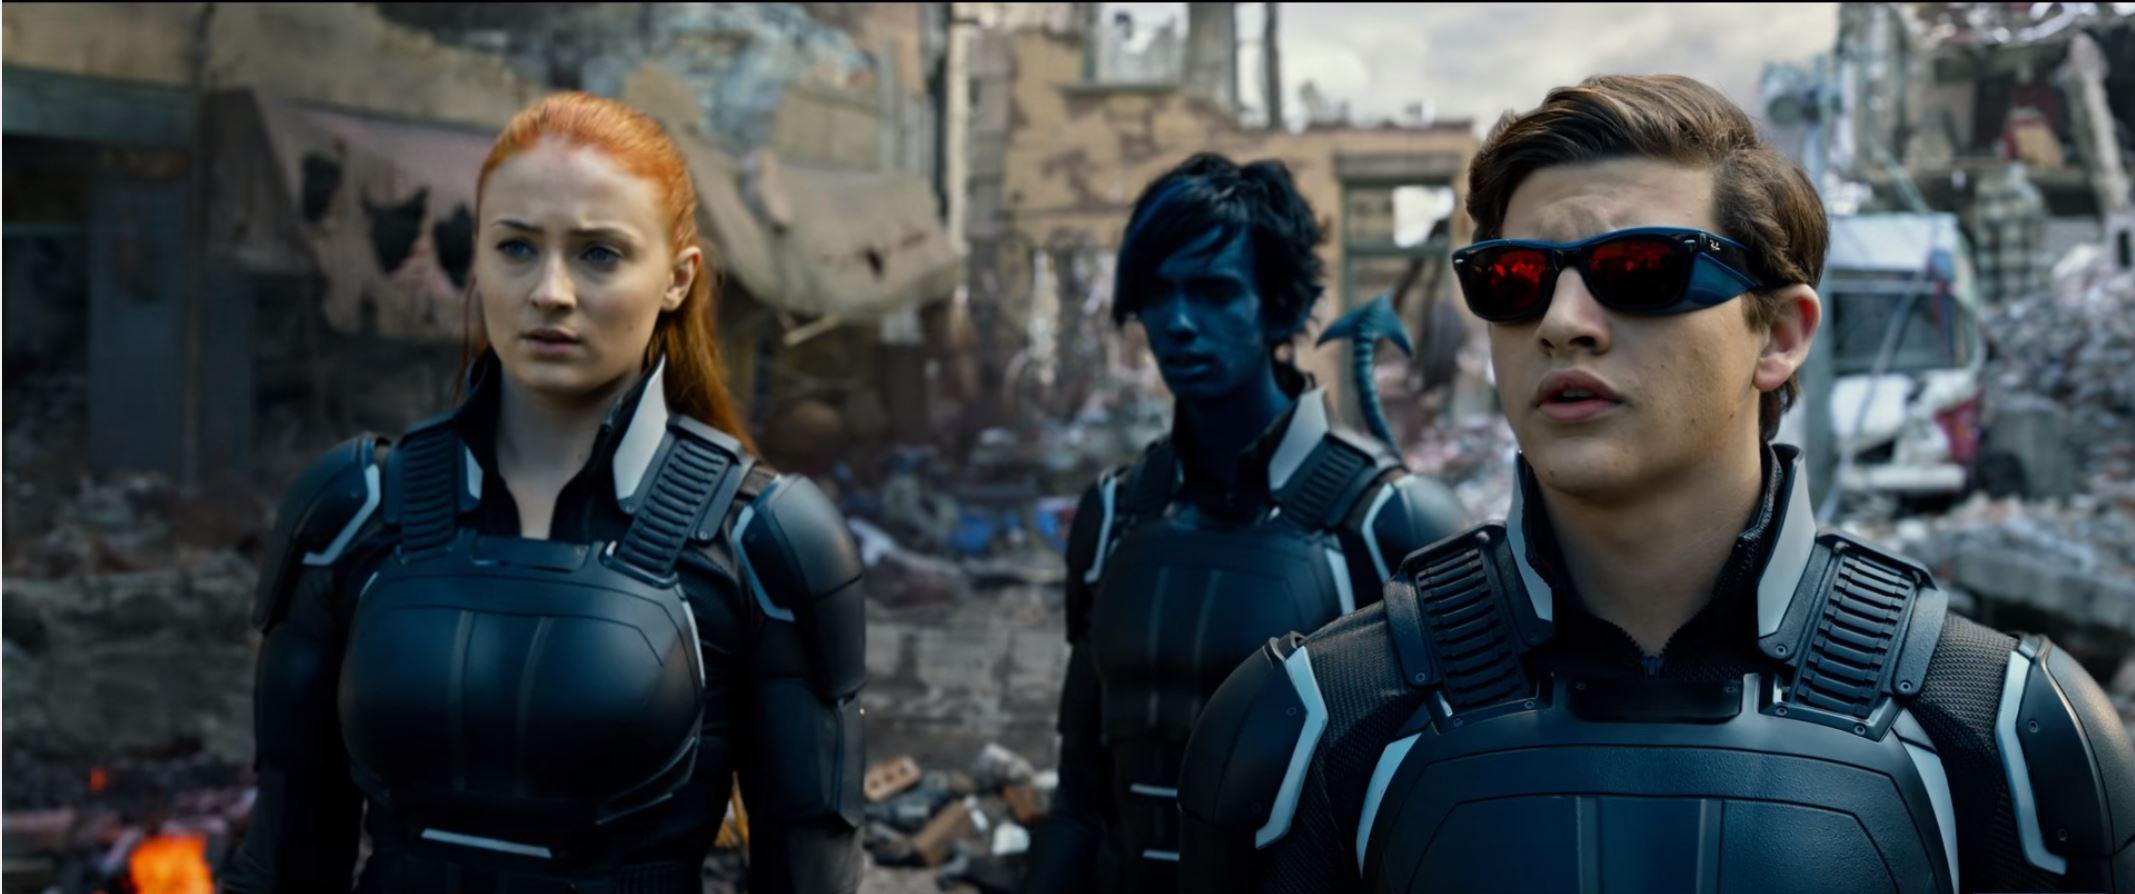 The New X-MEN: APOCALYPSE Is Here!